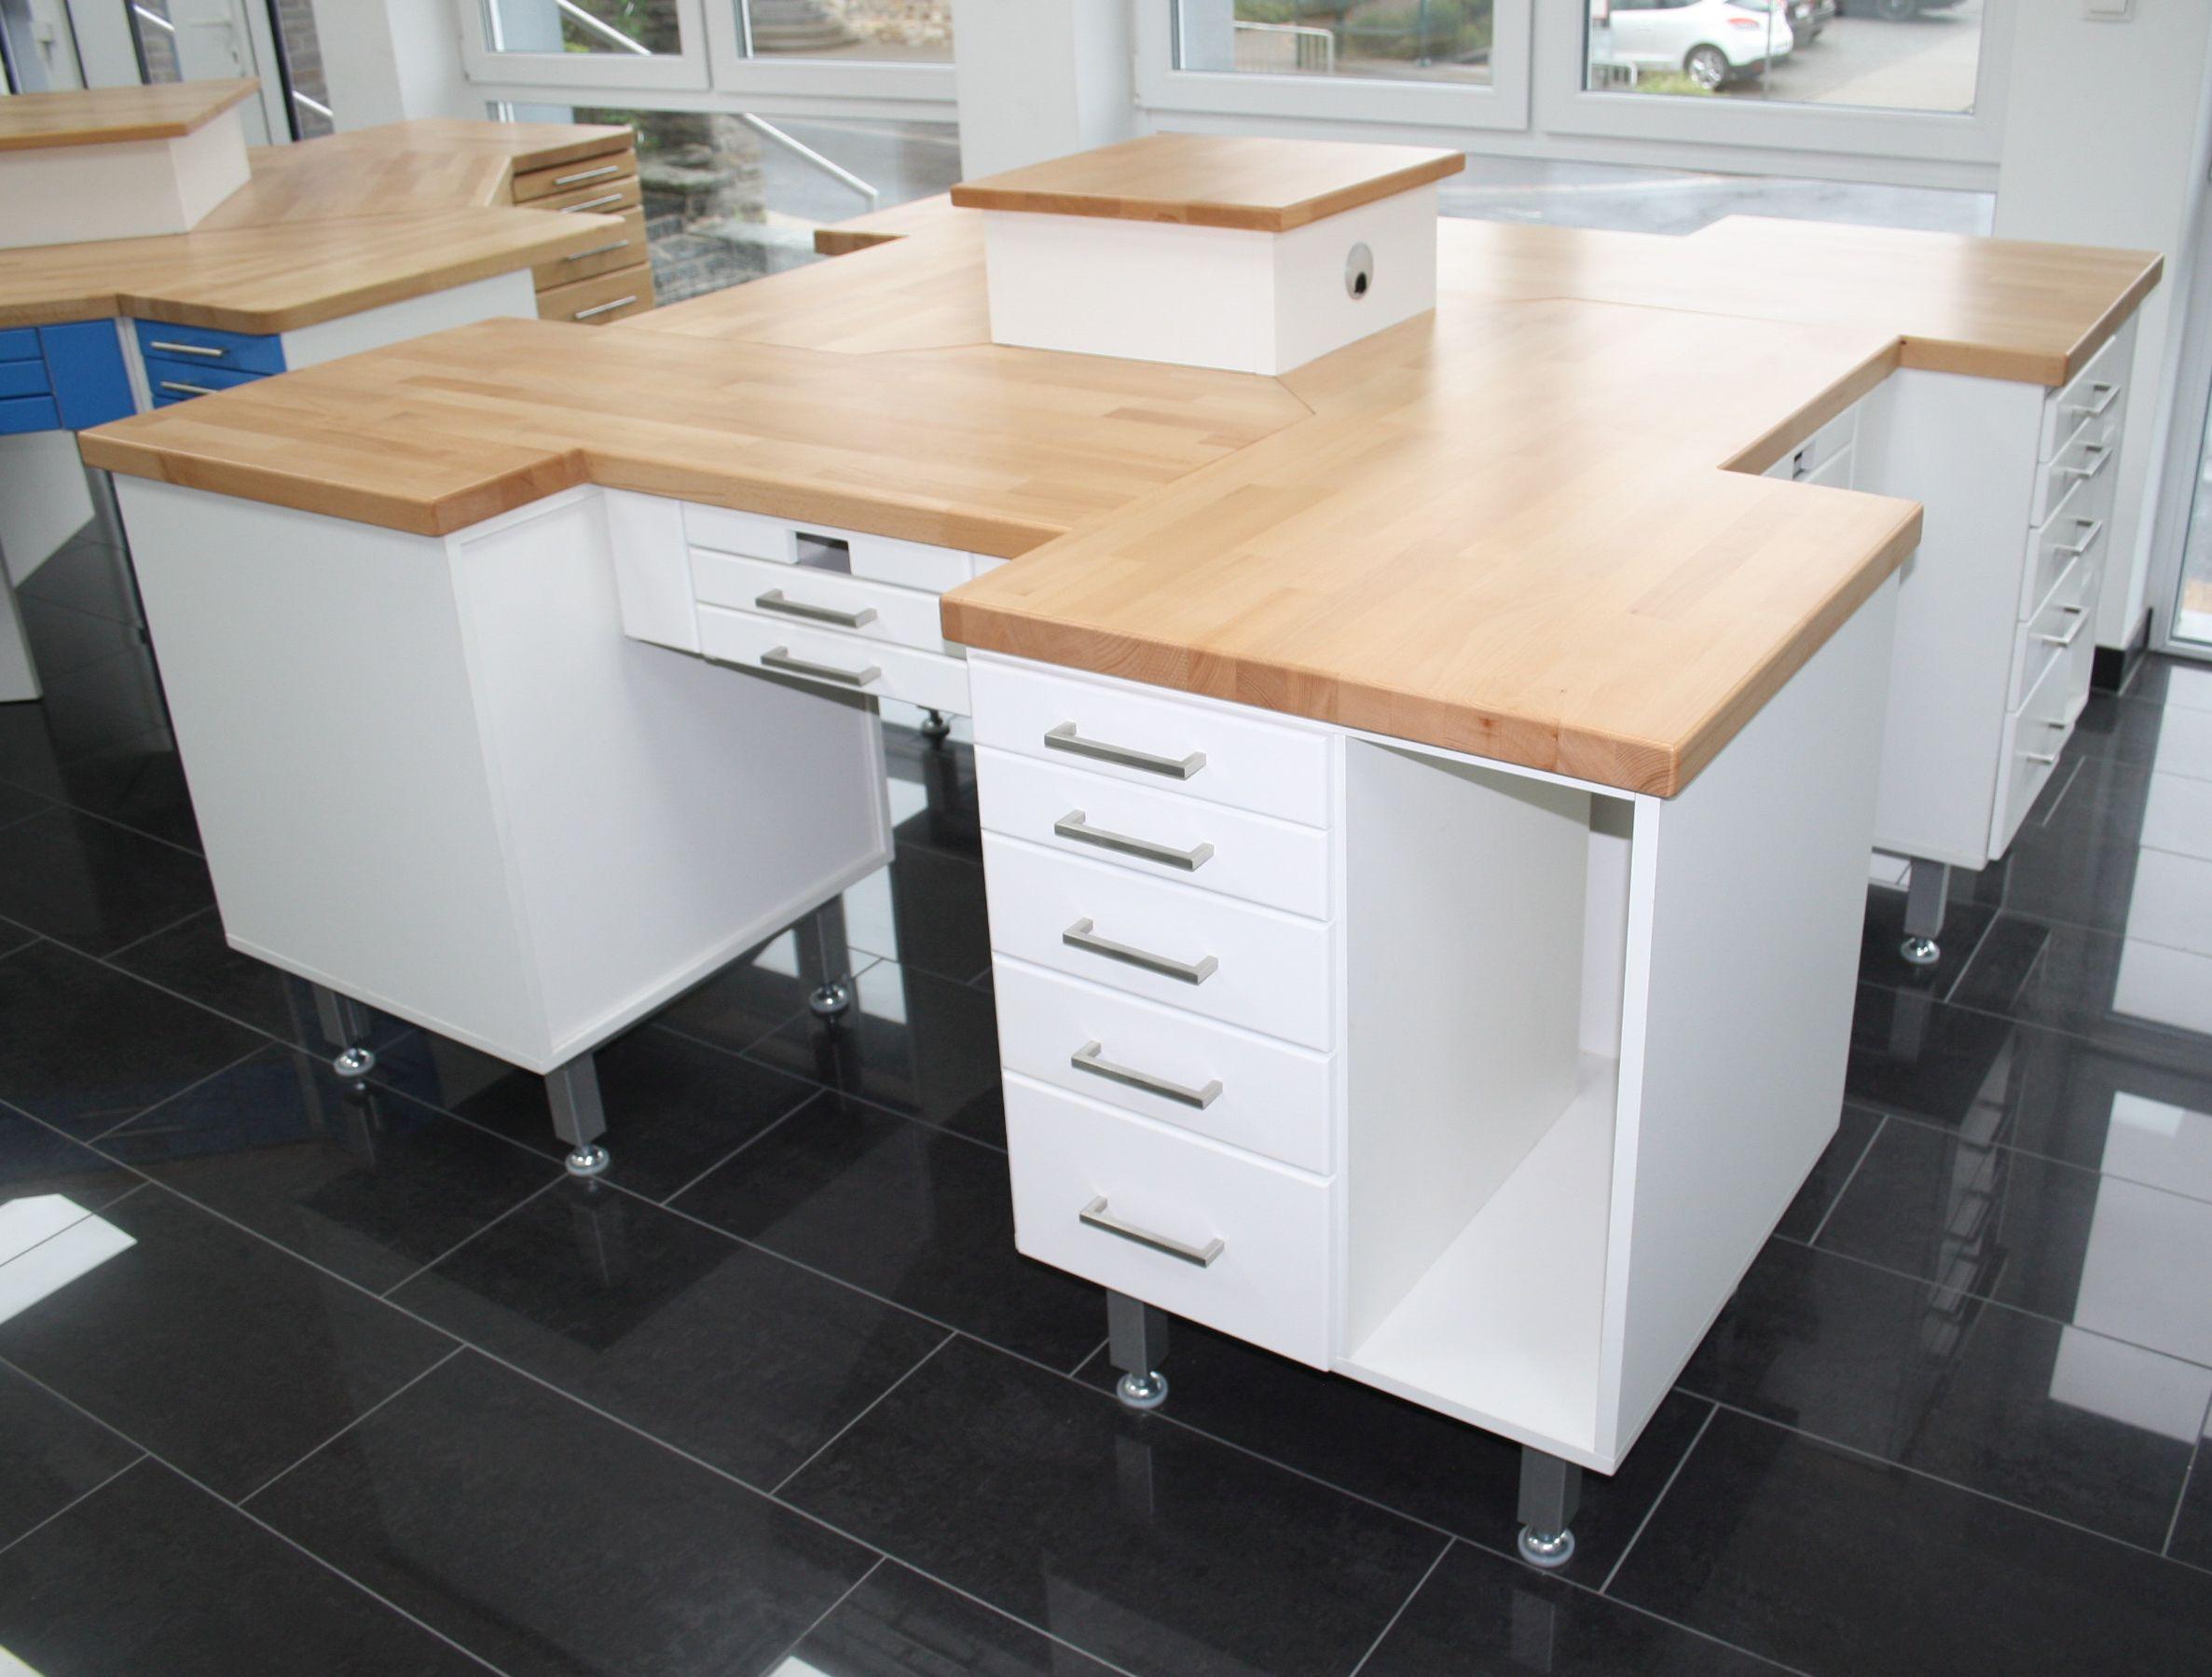 Groß Kücheninsel Frühstückstisch Zeitgenössisch - Küchen Design ...